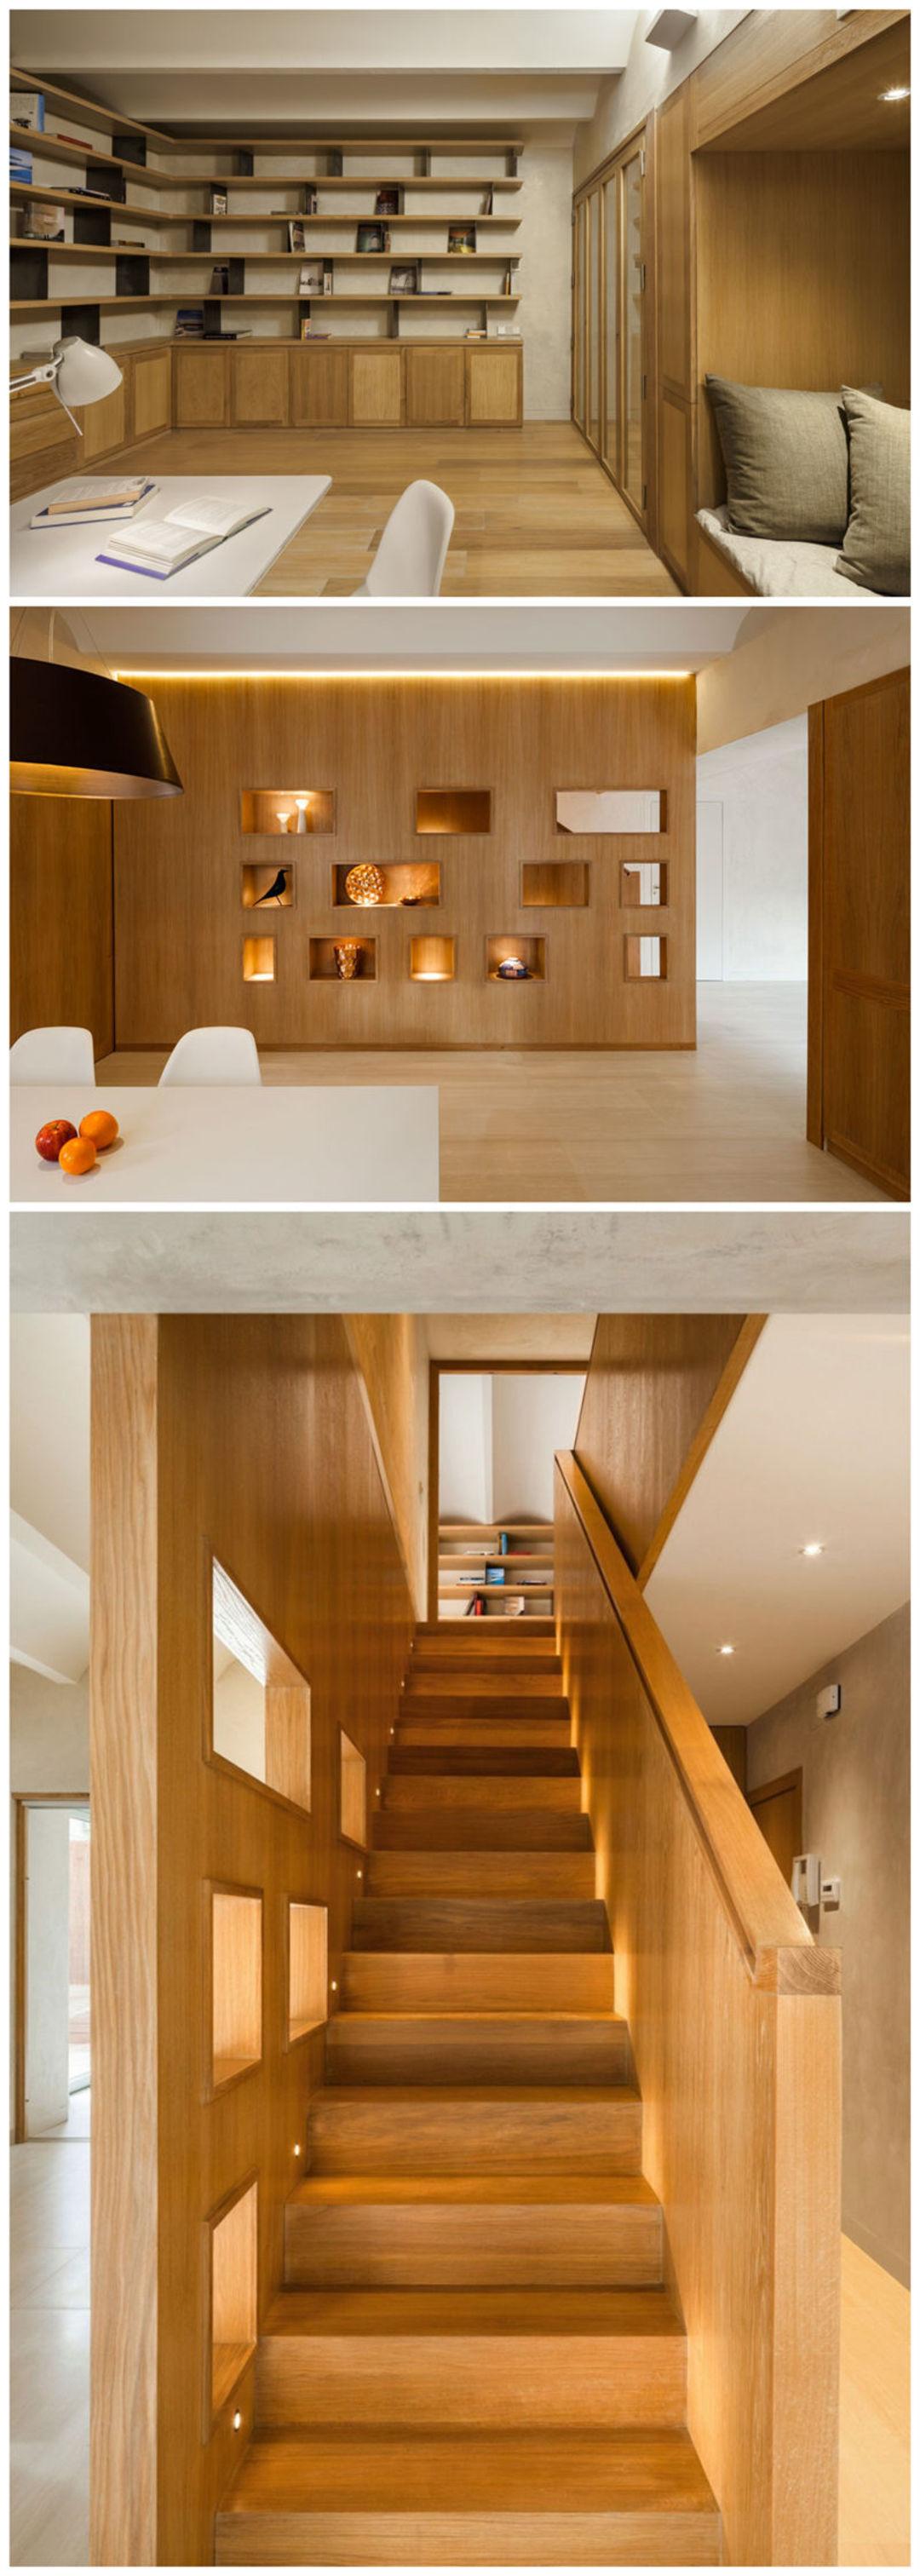 如何对公寓稍加改动,就让它更加灵动有趣?_设计_好奇心日报